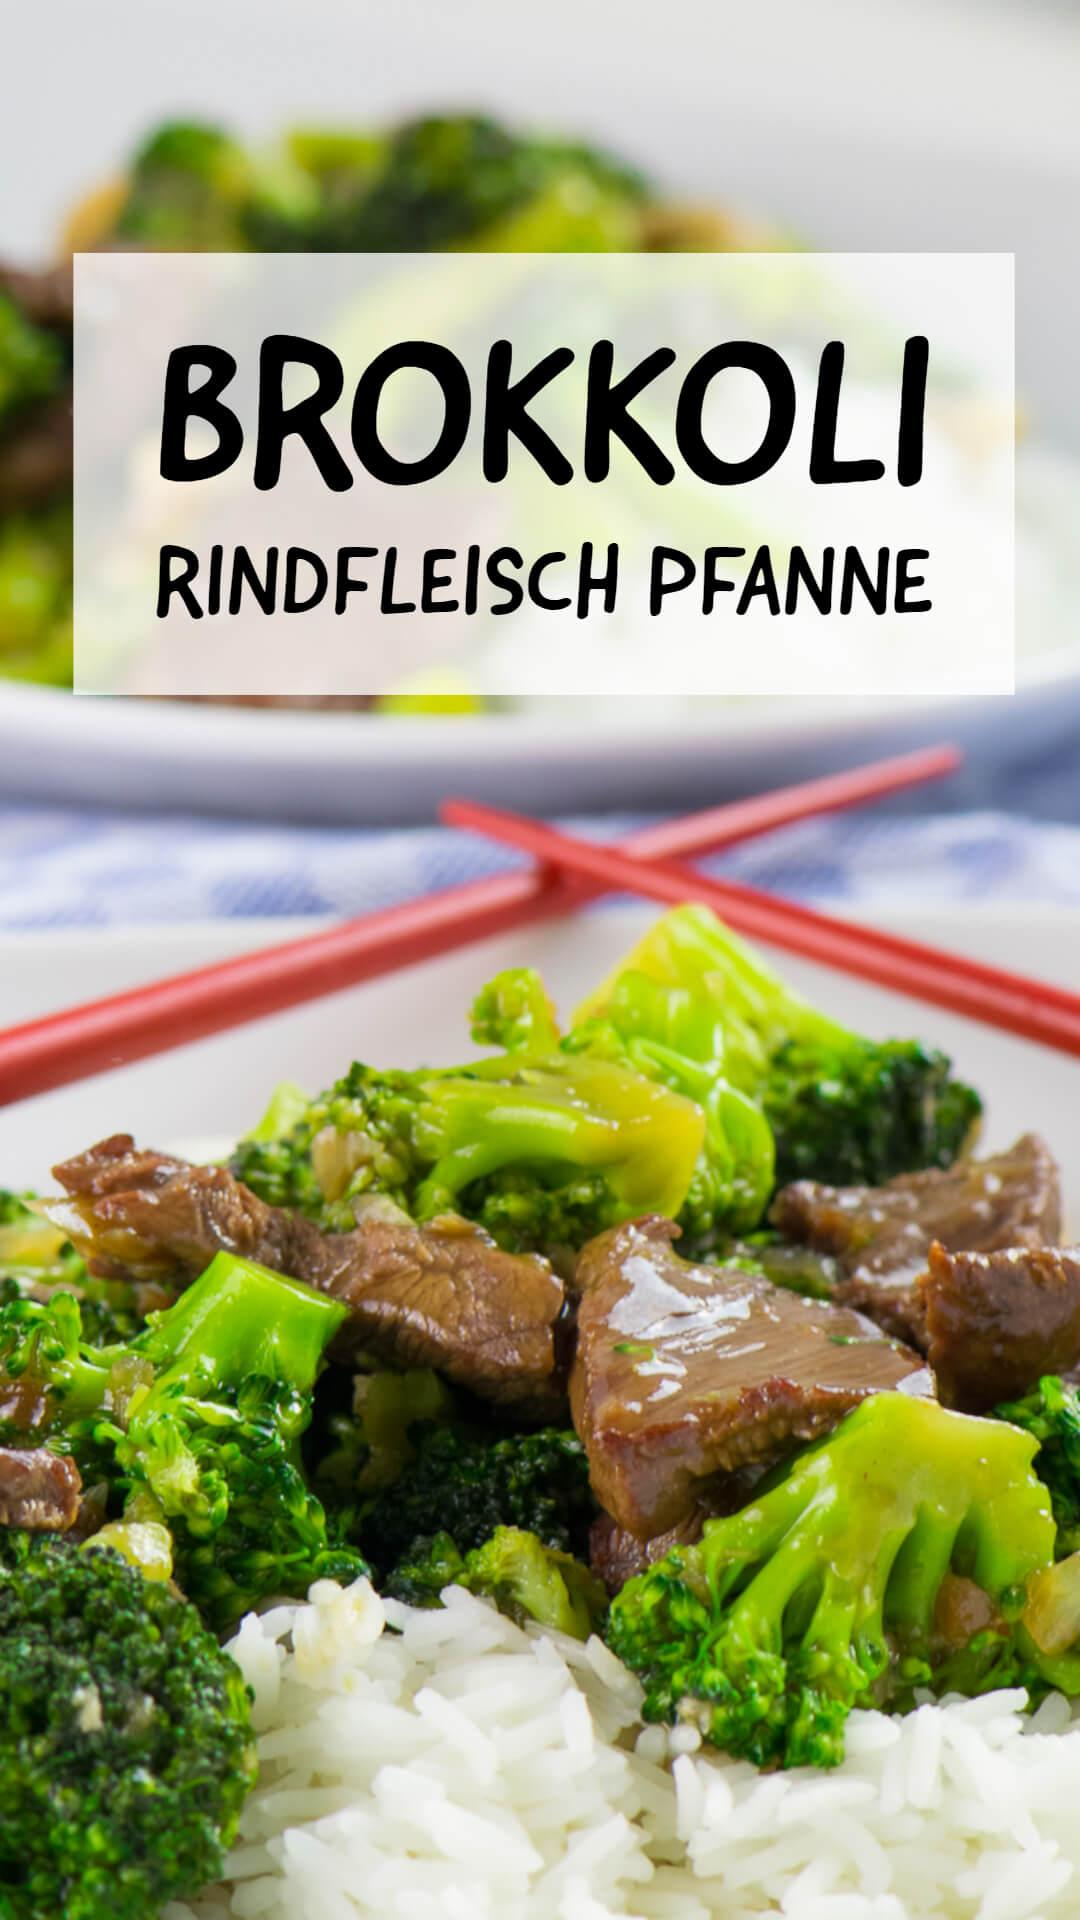 Brokkoli Rindfleisch Pfanne mit Cashewnüssen Asiastyle